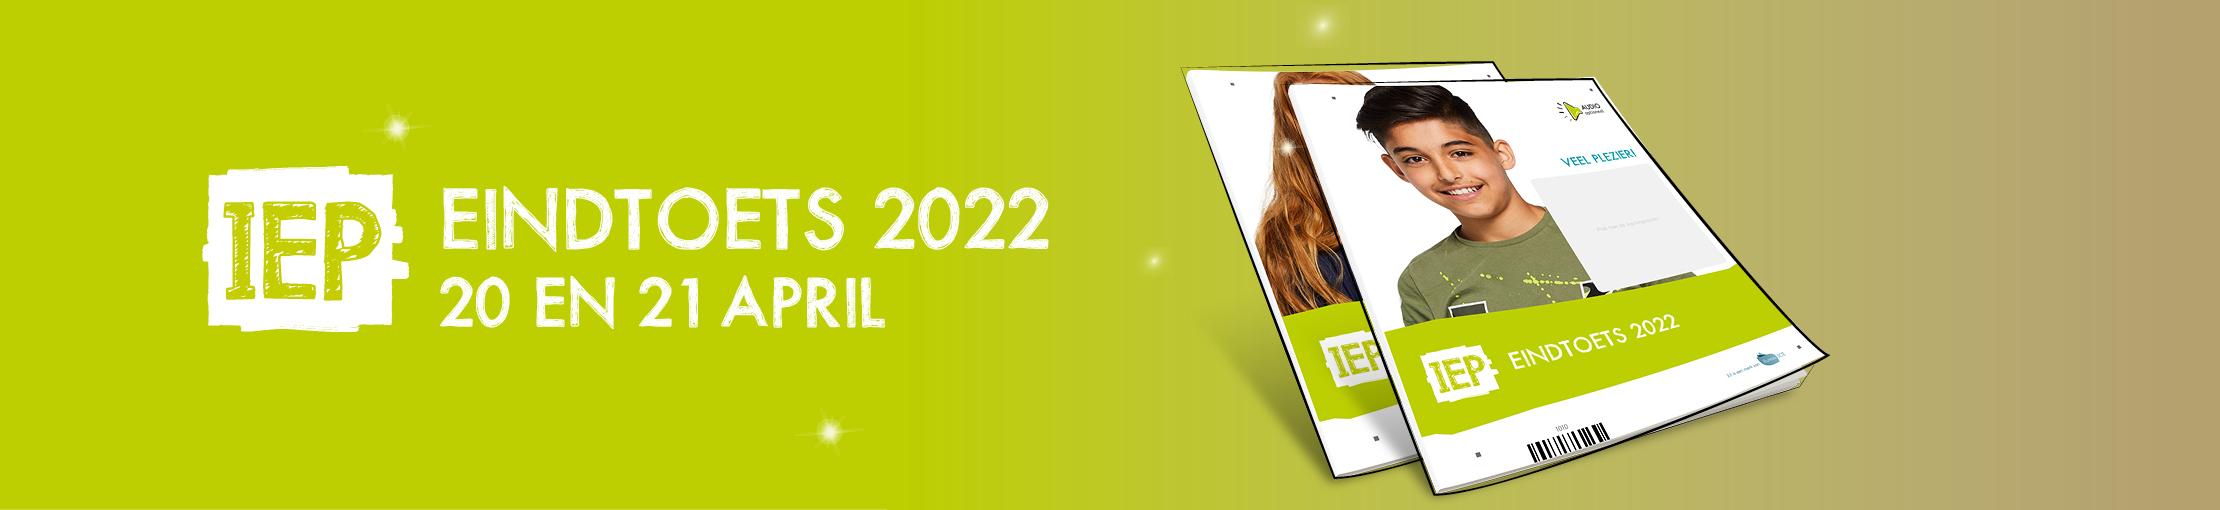 IEP Eindtoets 2020 Banner Website Algemeen